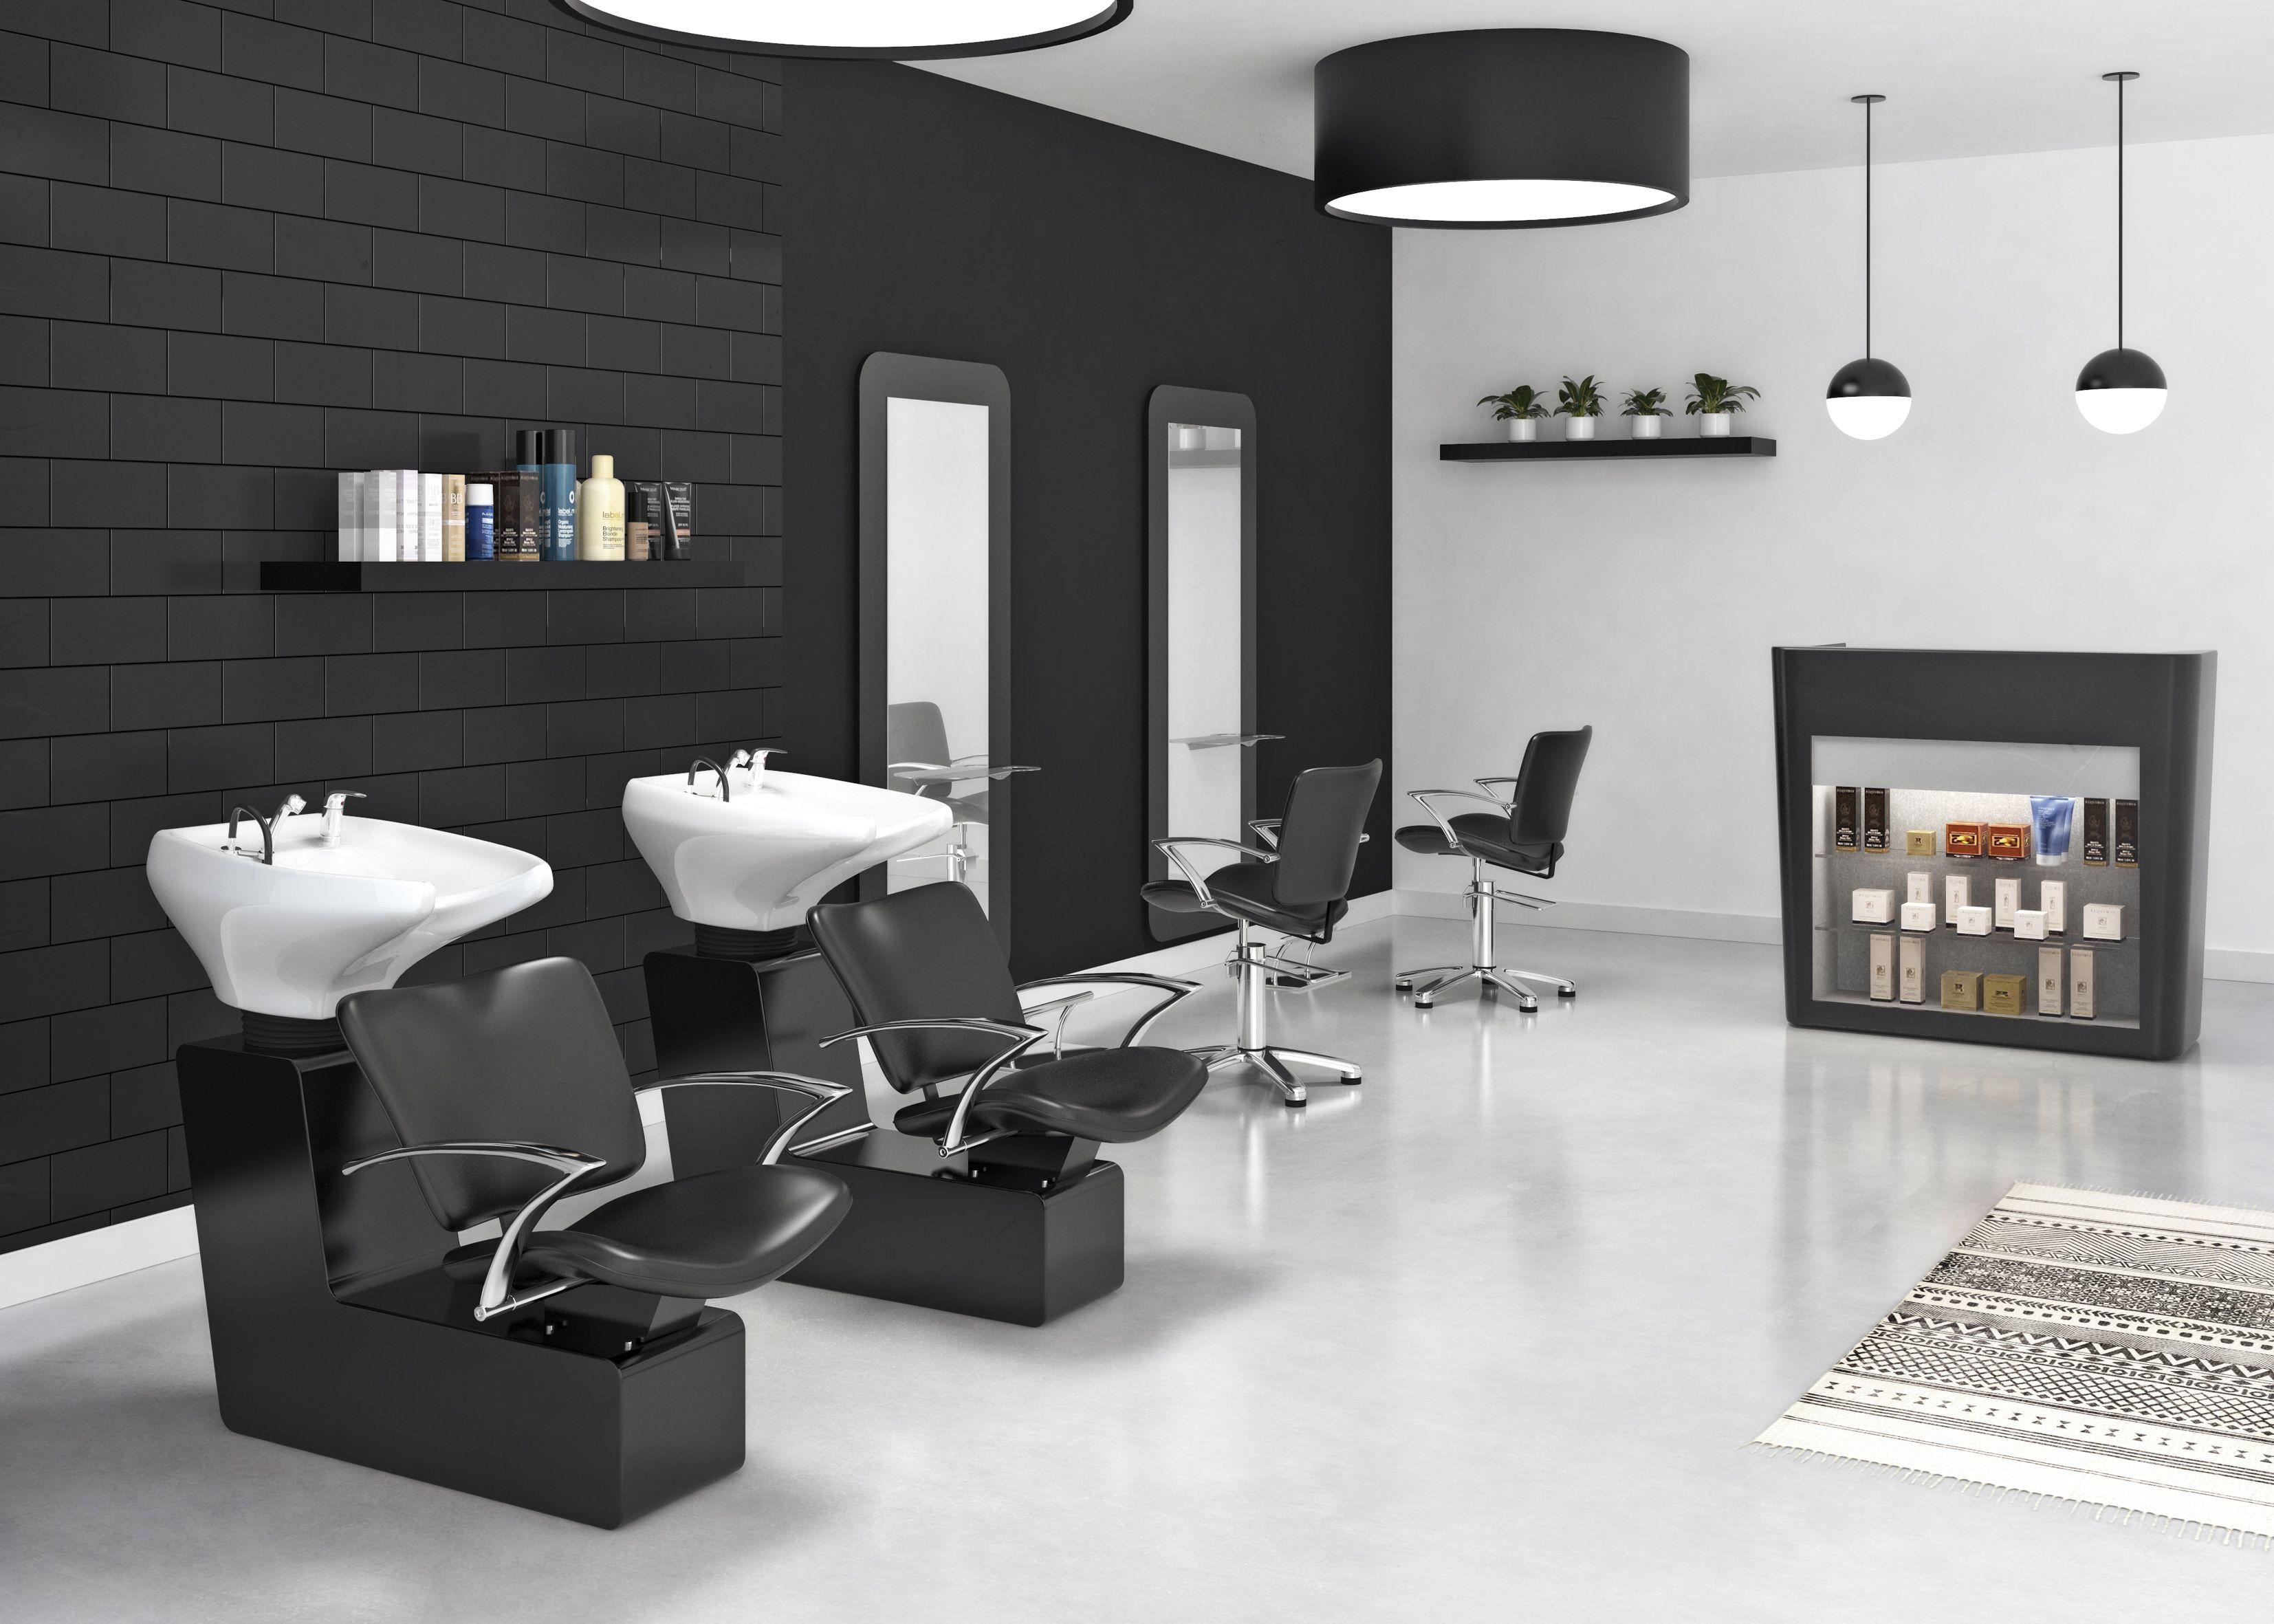 36+ Meuble salon de coiffure des idees